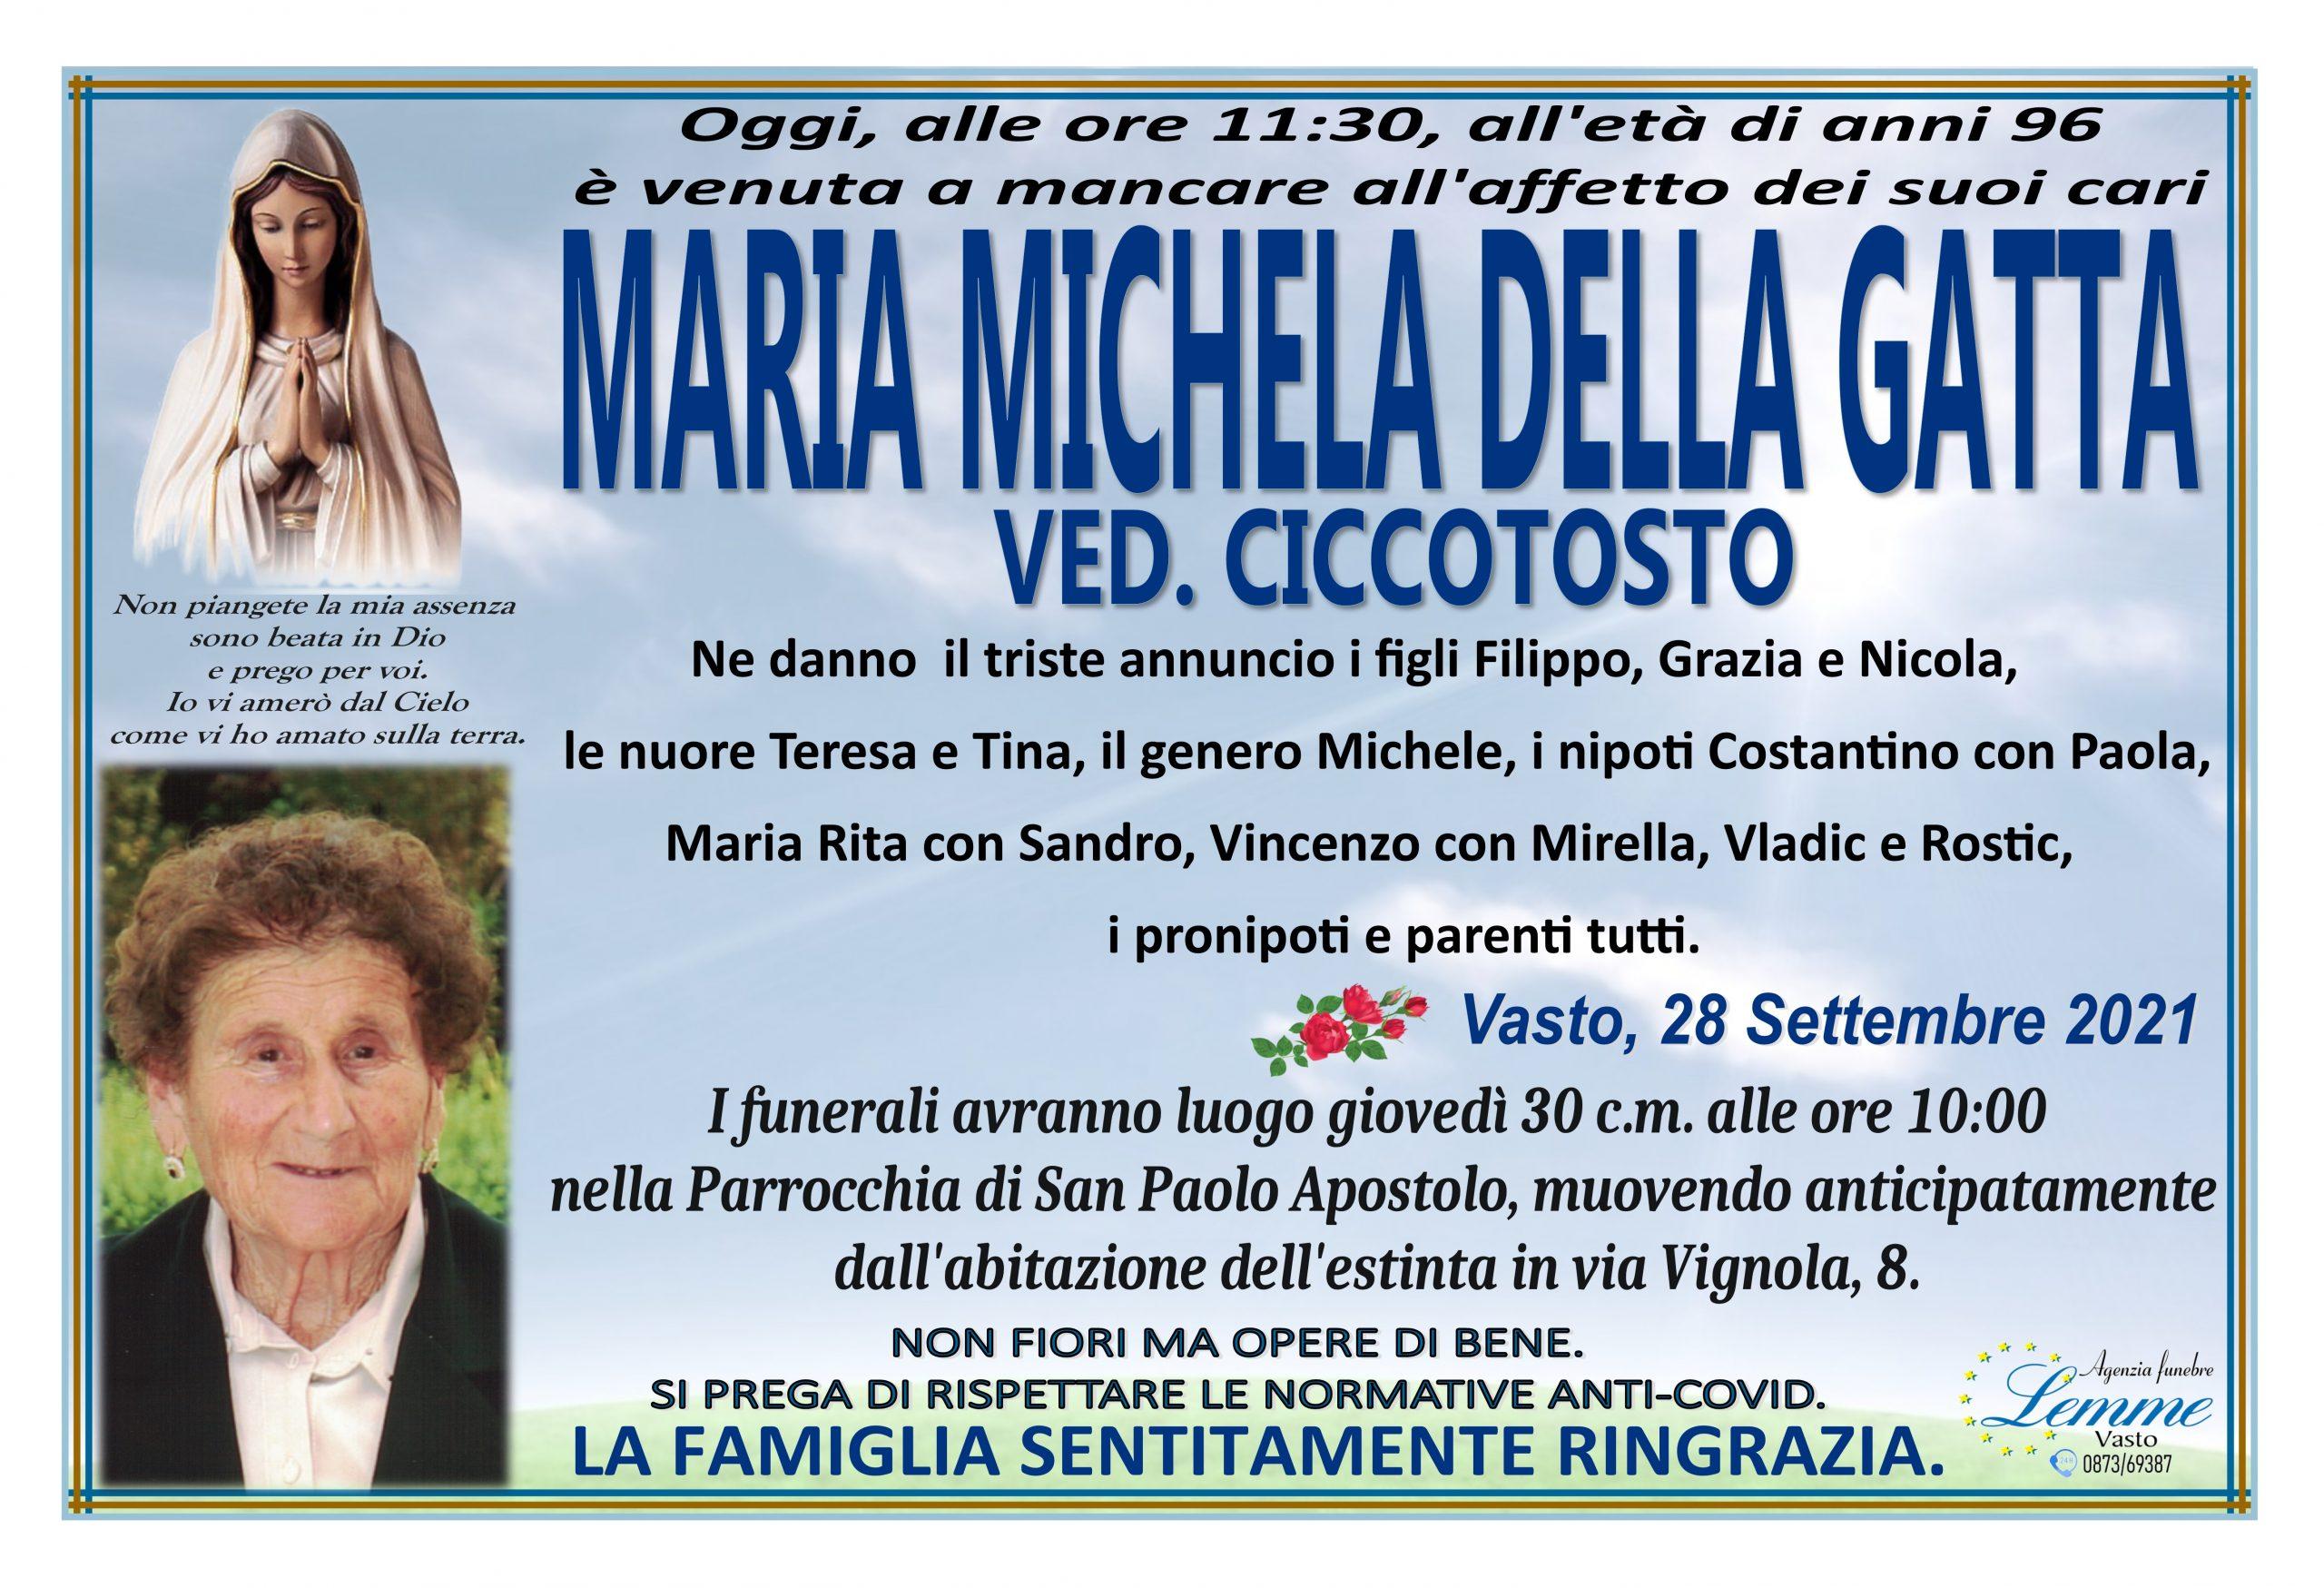 MARIA MICHELA DELLA GATTA